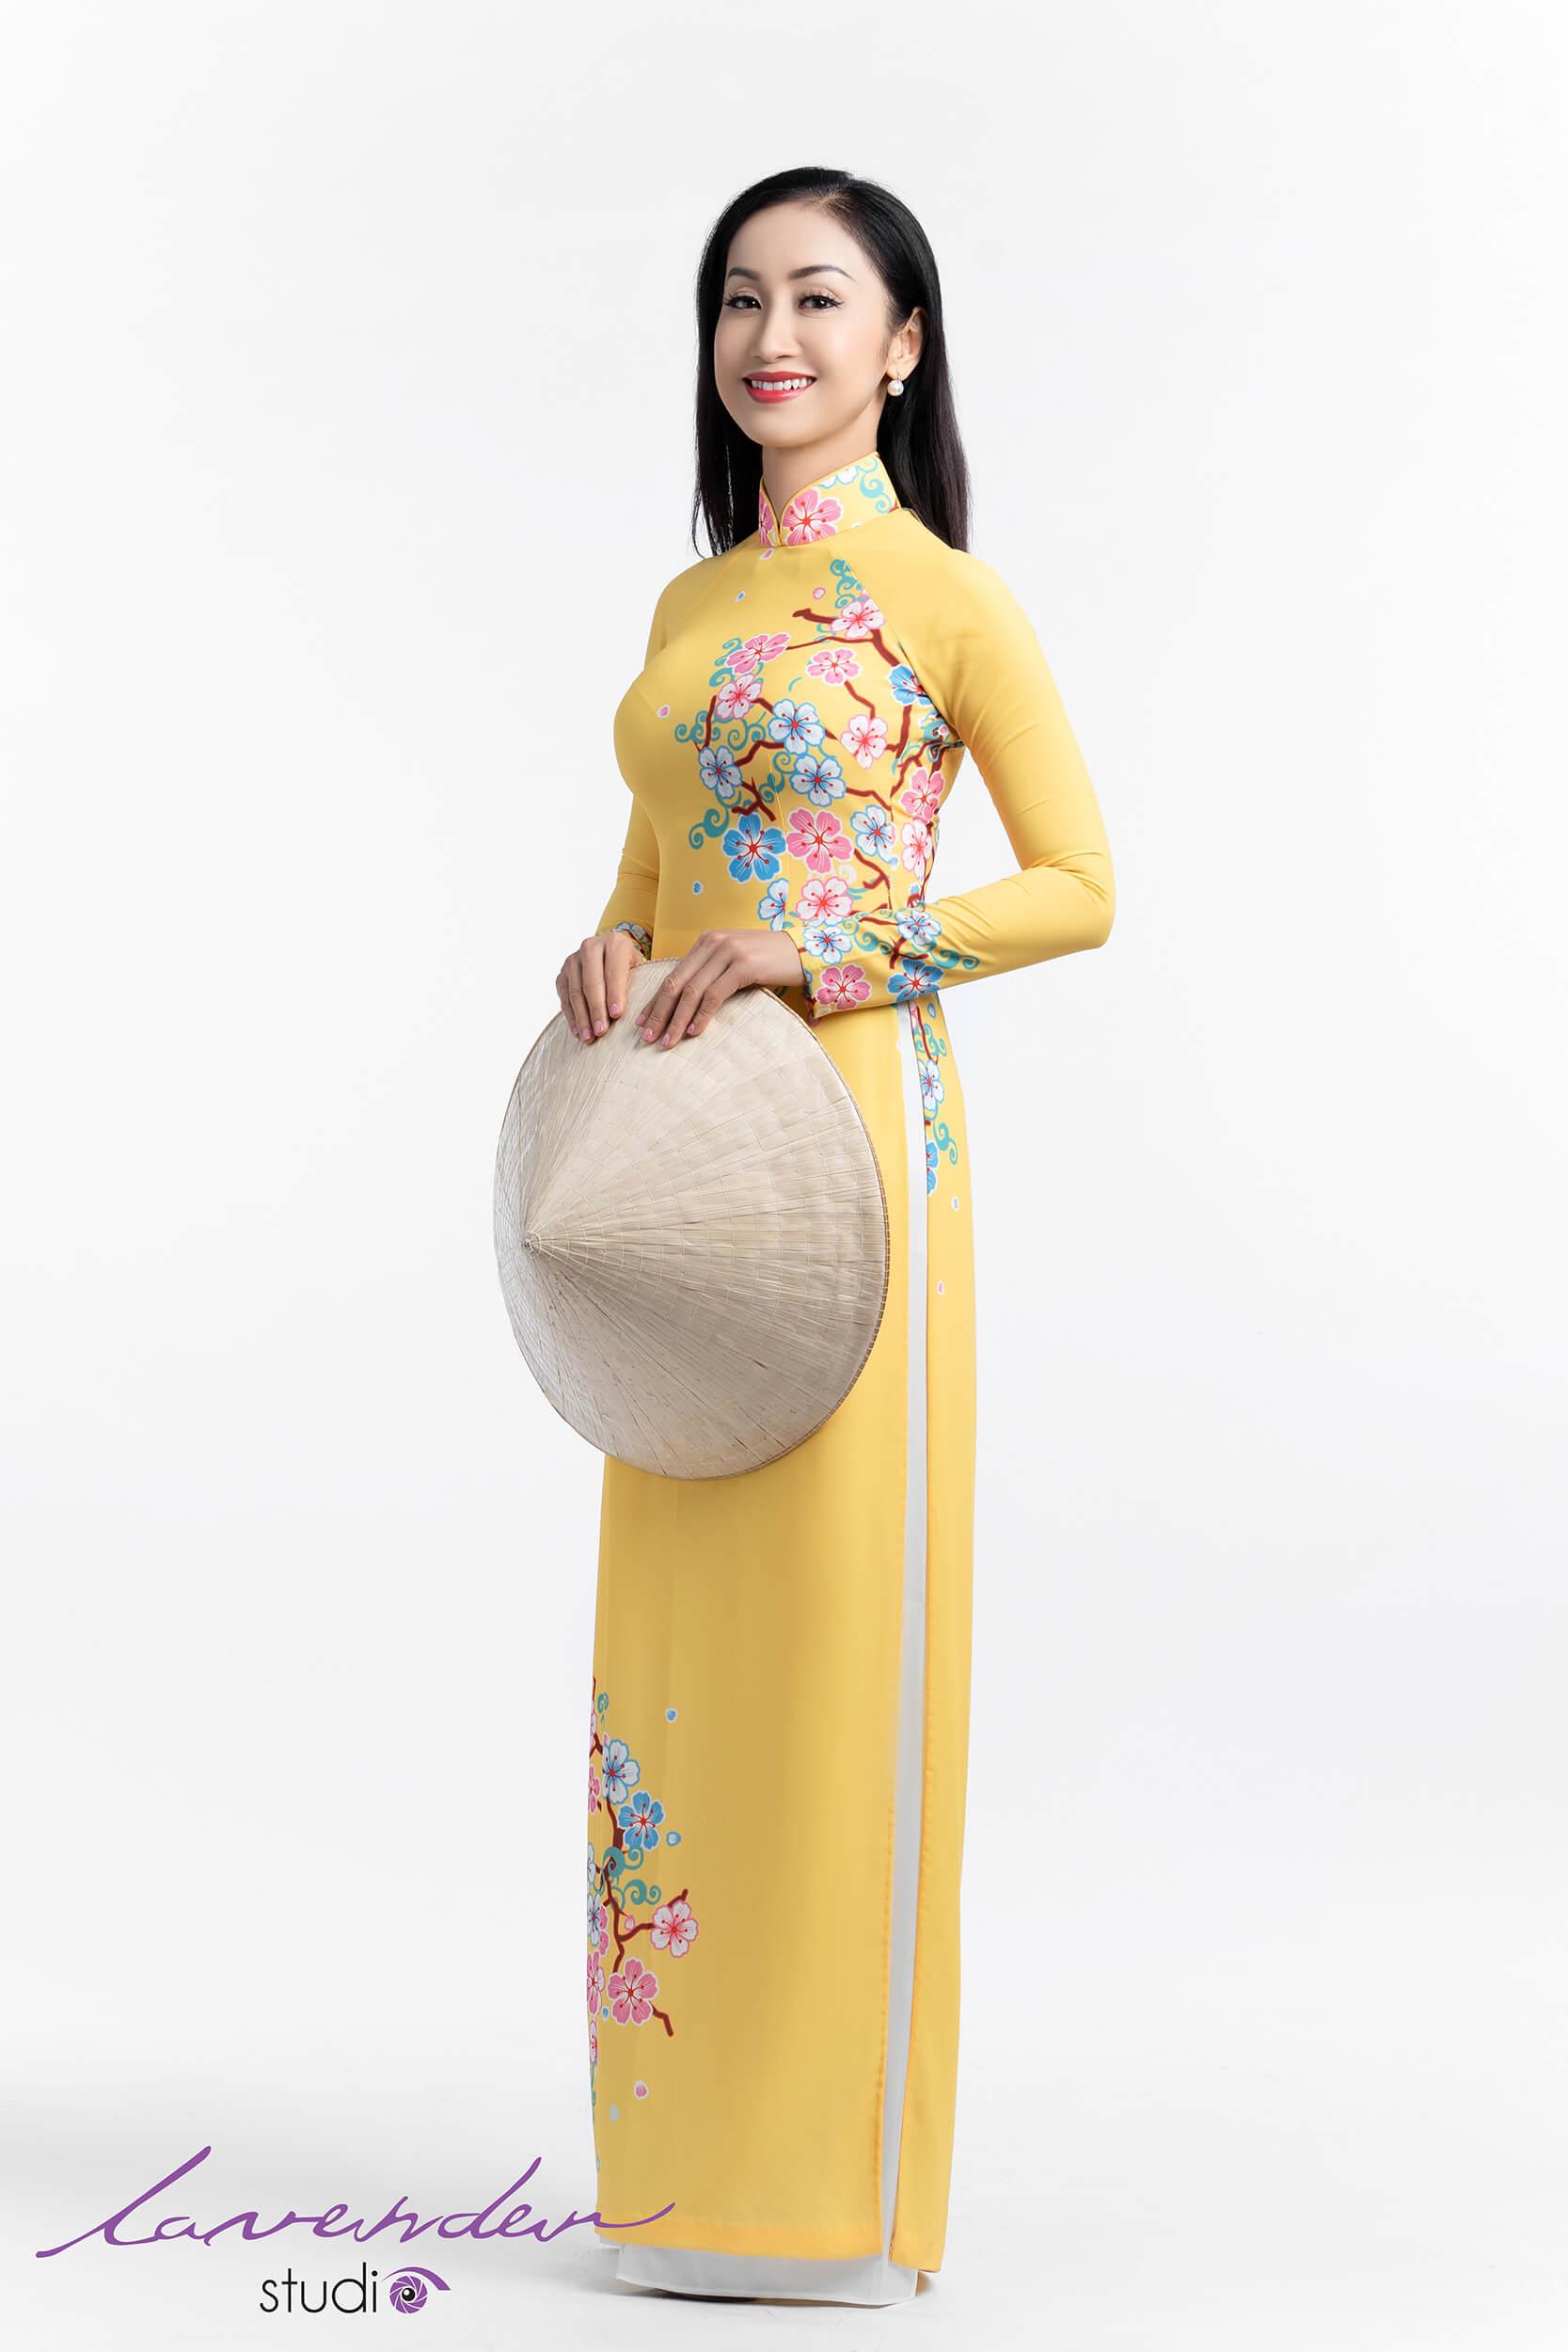 chụp hình nghệ thuật áo dài đẹp tại TP. Hồ Chí Minh